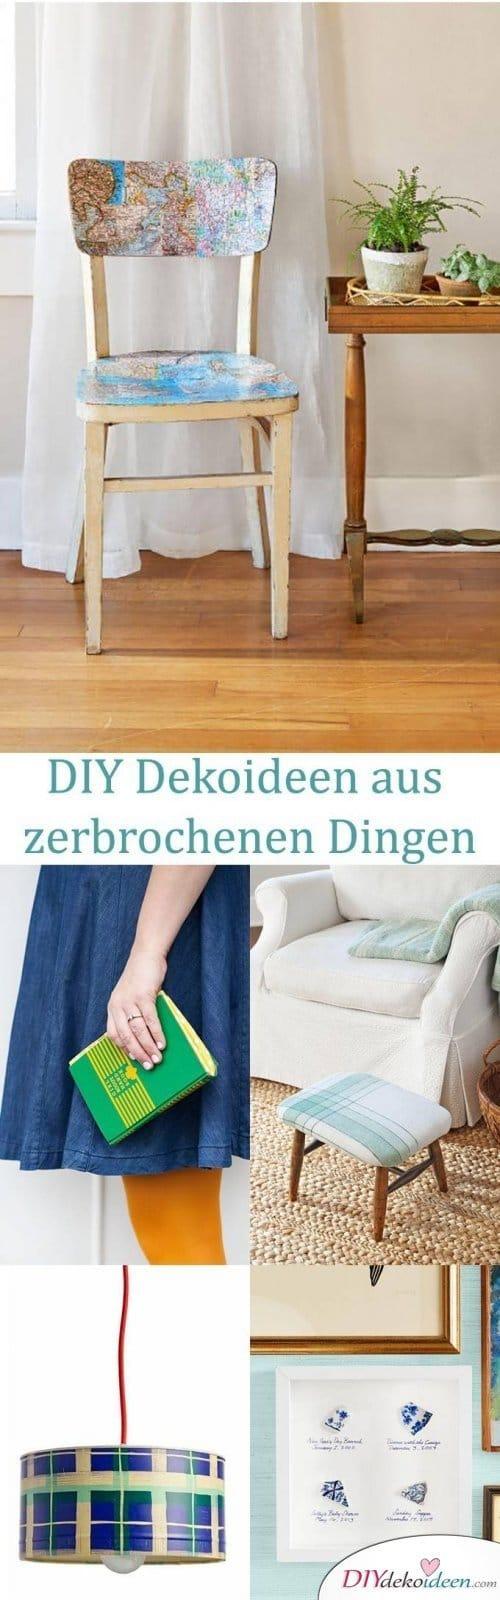 DIY Dekoideen - Deko selber machen - upcycling